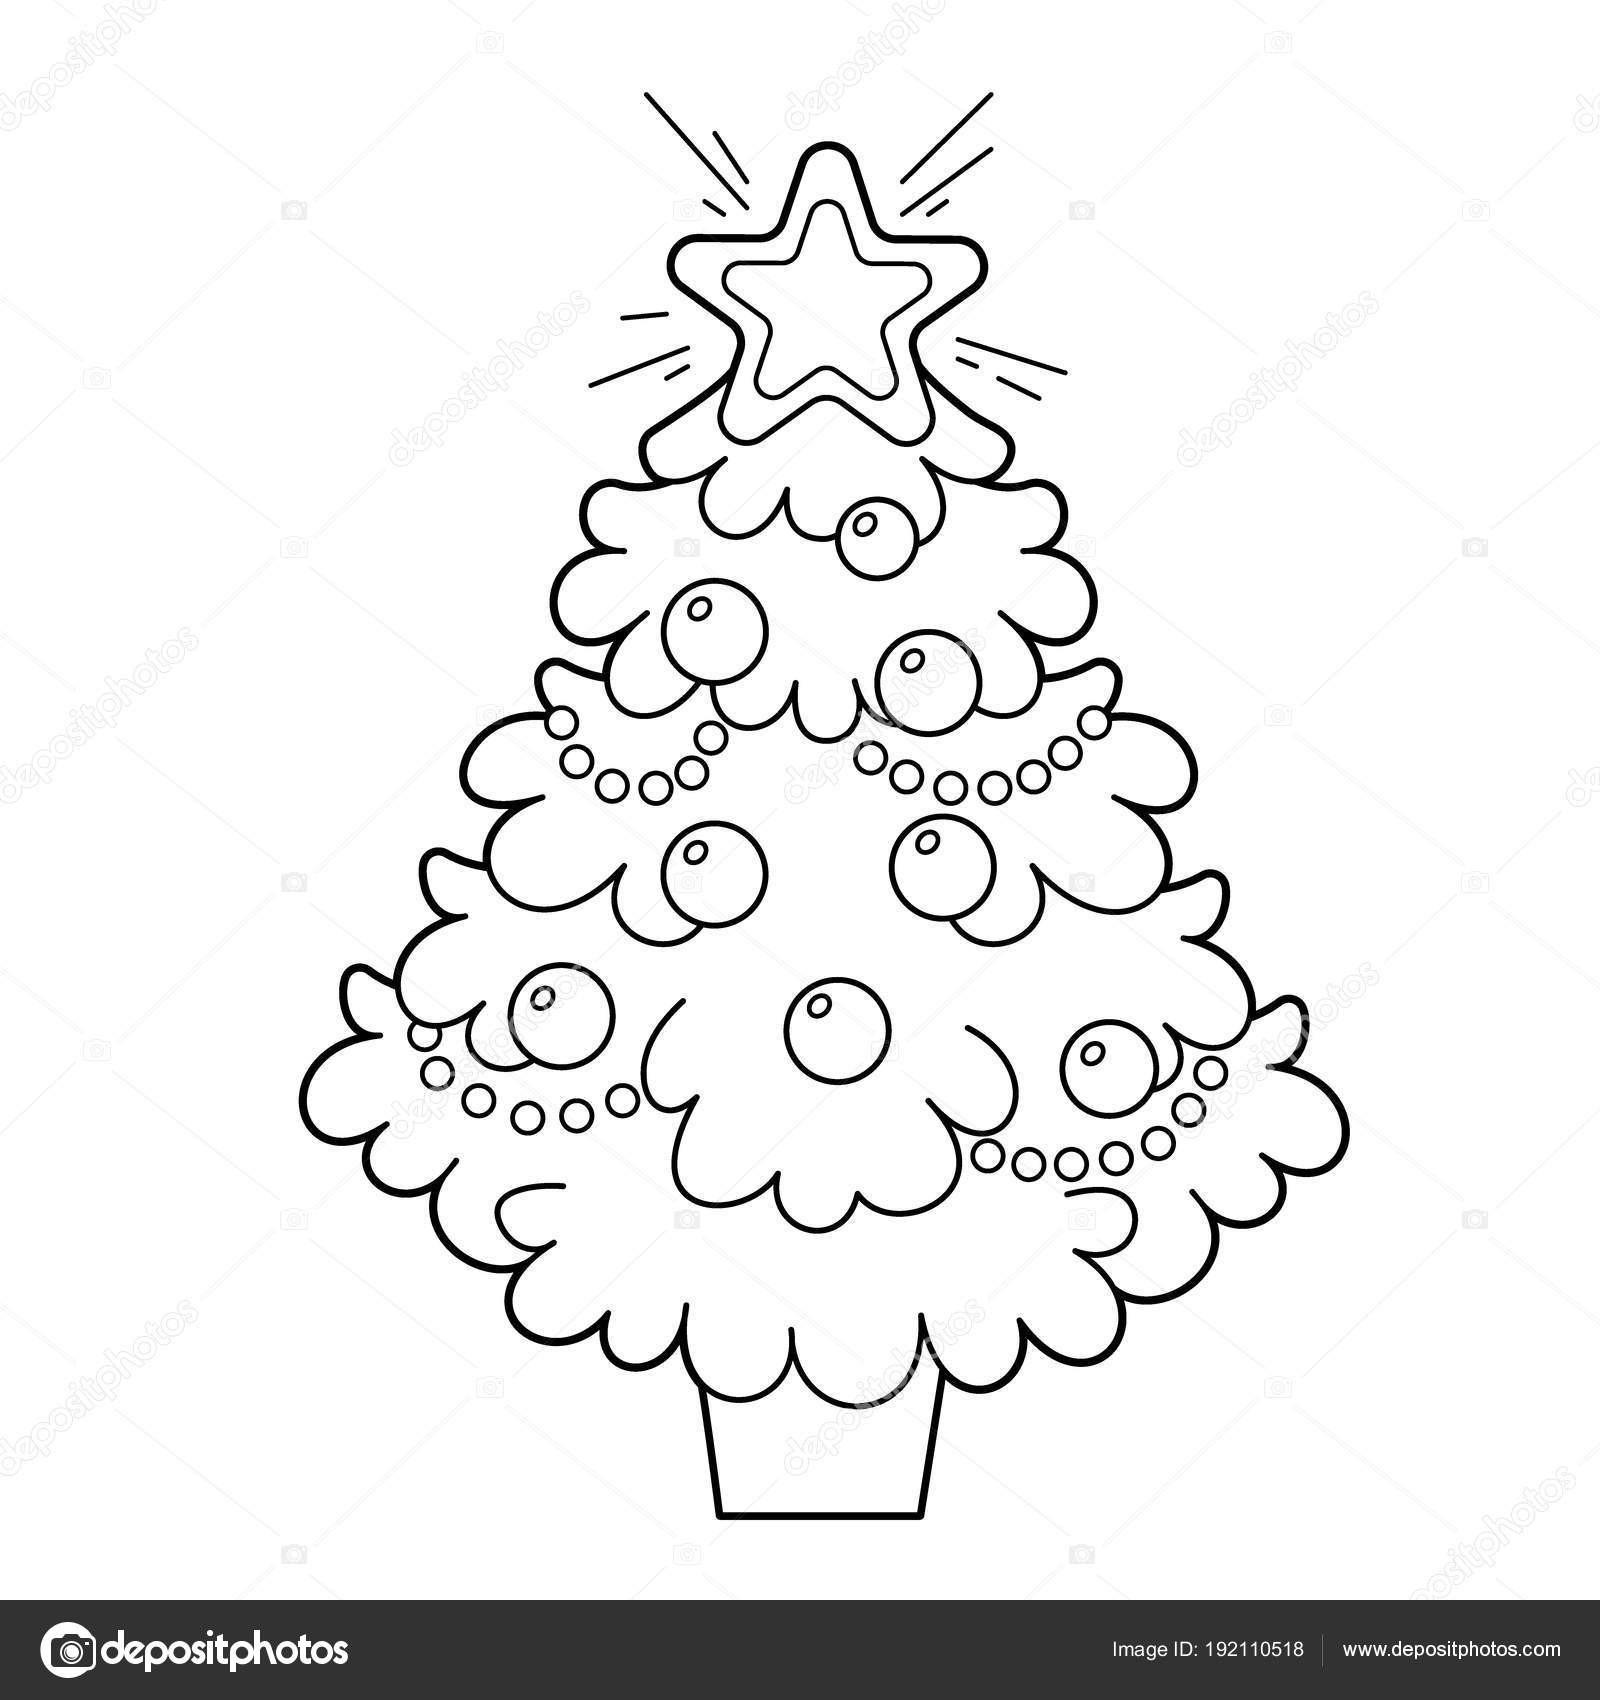 Ausmalbilder Weihnachten Merry Christmas Inspirierend Ausmalbilder Weihnachtsbaum Mit Geschenken Unique Fotos